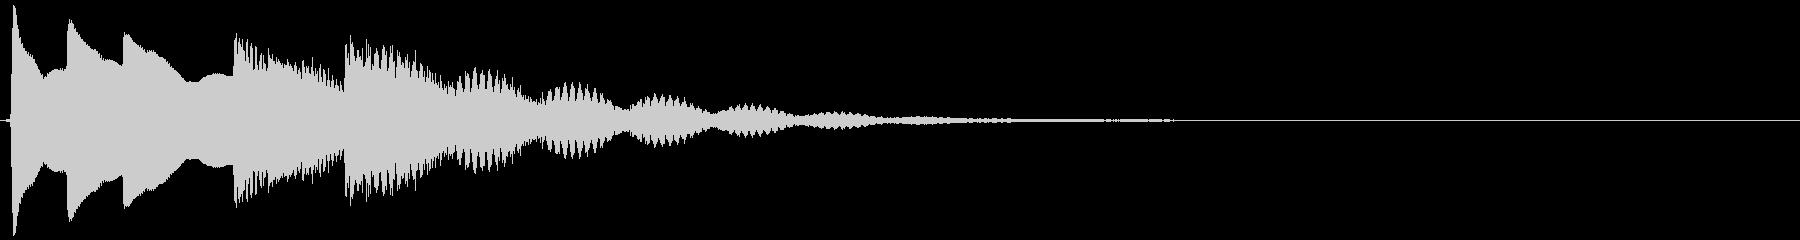 ティロリンティントーン(気付き、発見)の未再生の波形